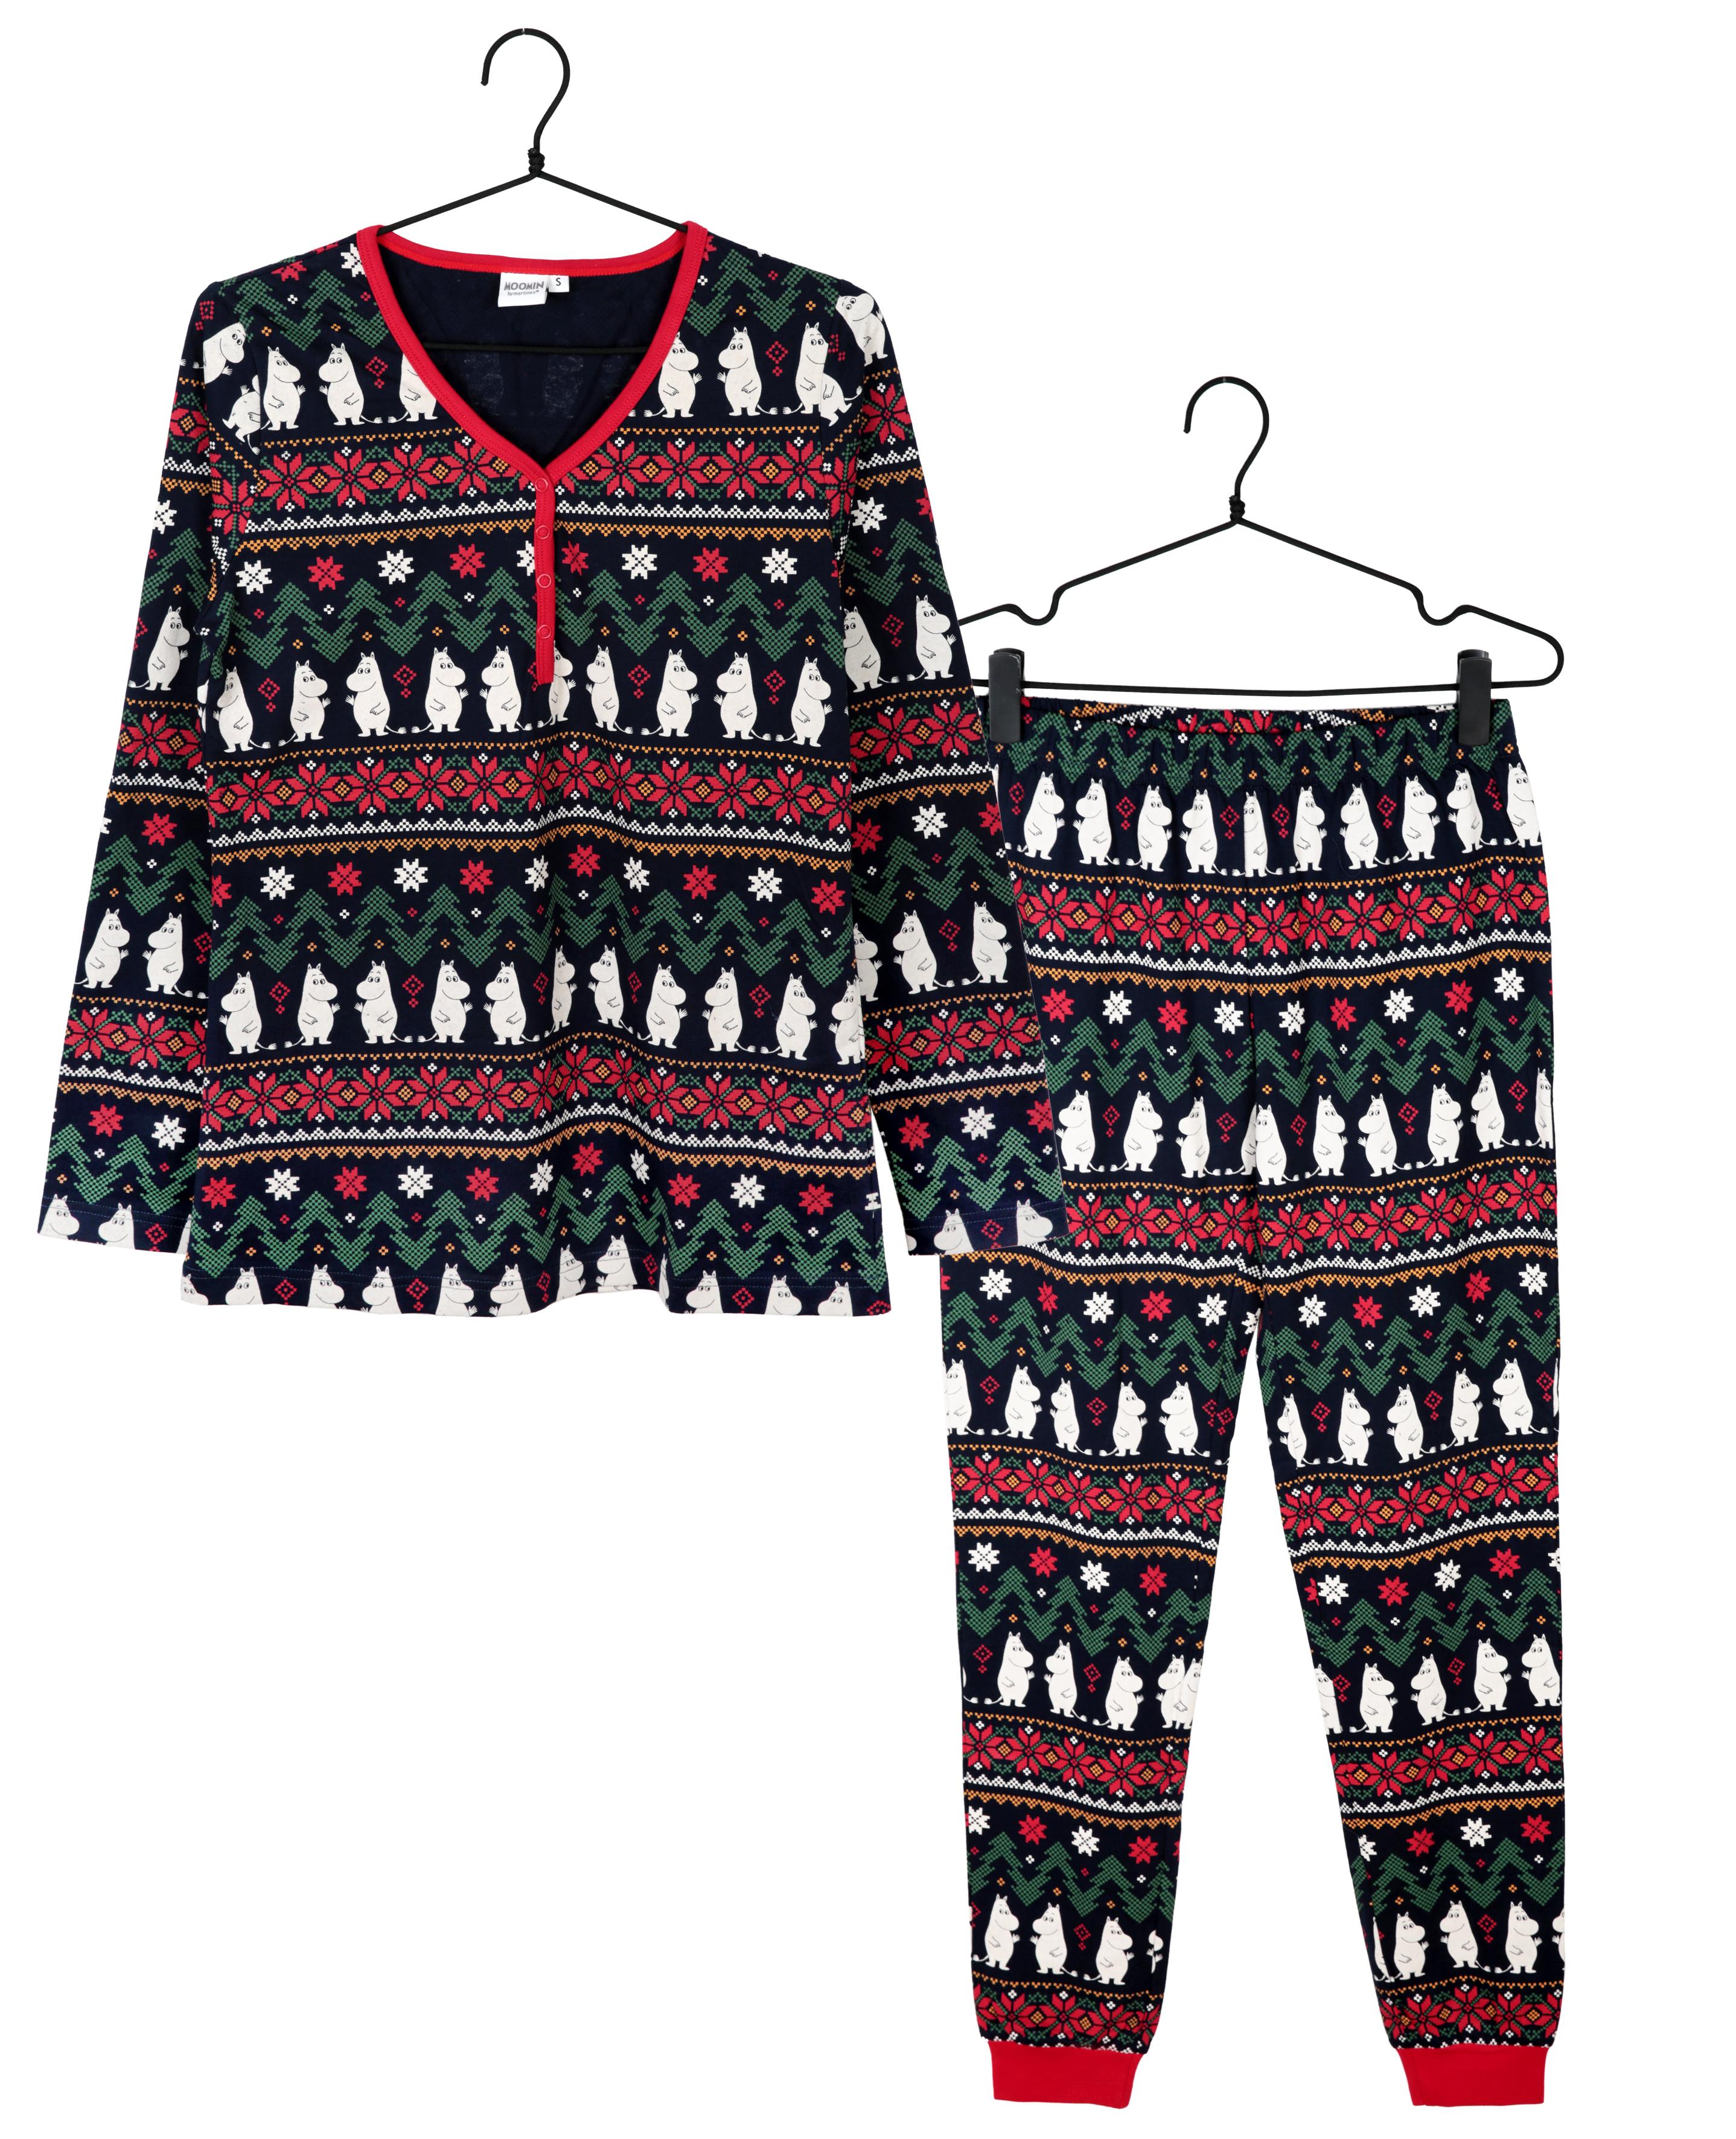 Martinex Noël Legging Pyjama Set